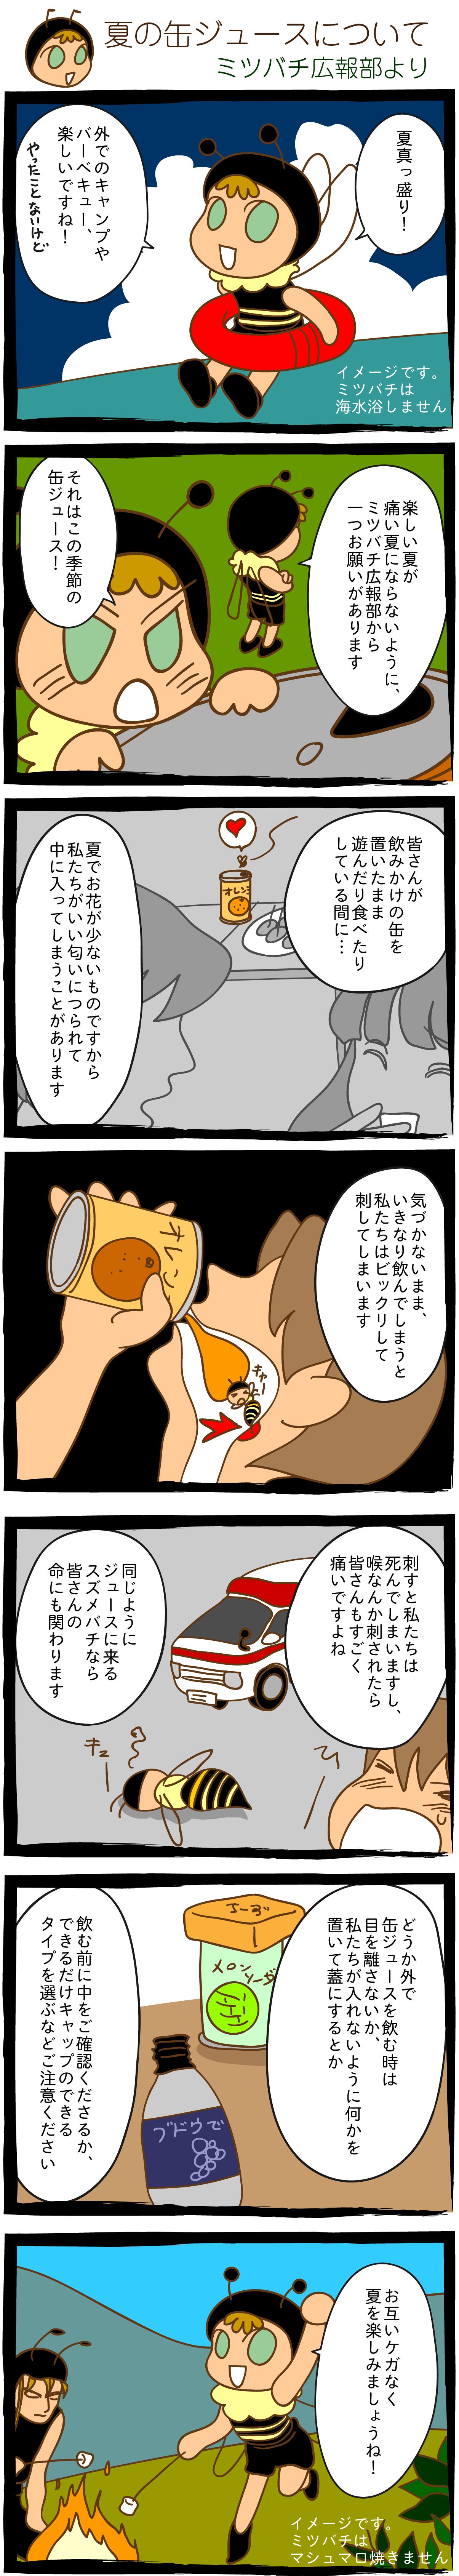 夏の缶ジュースについて(みつばち漫画)